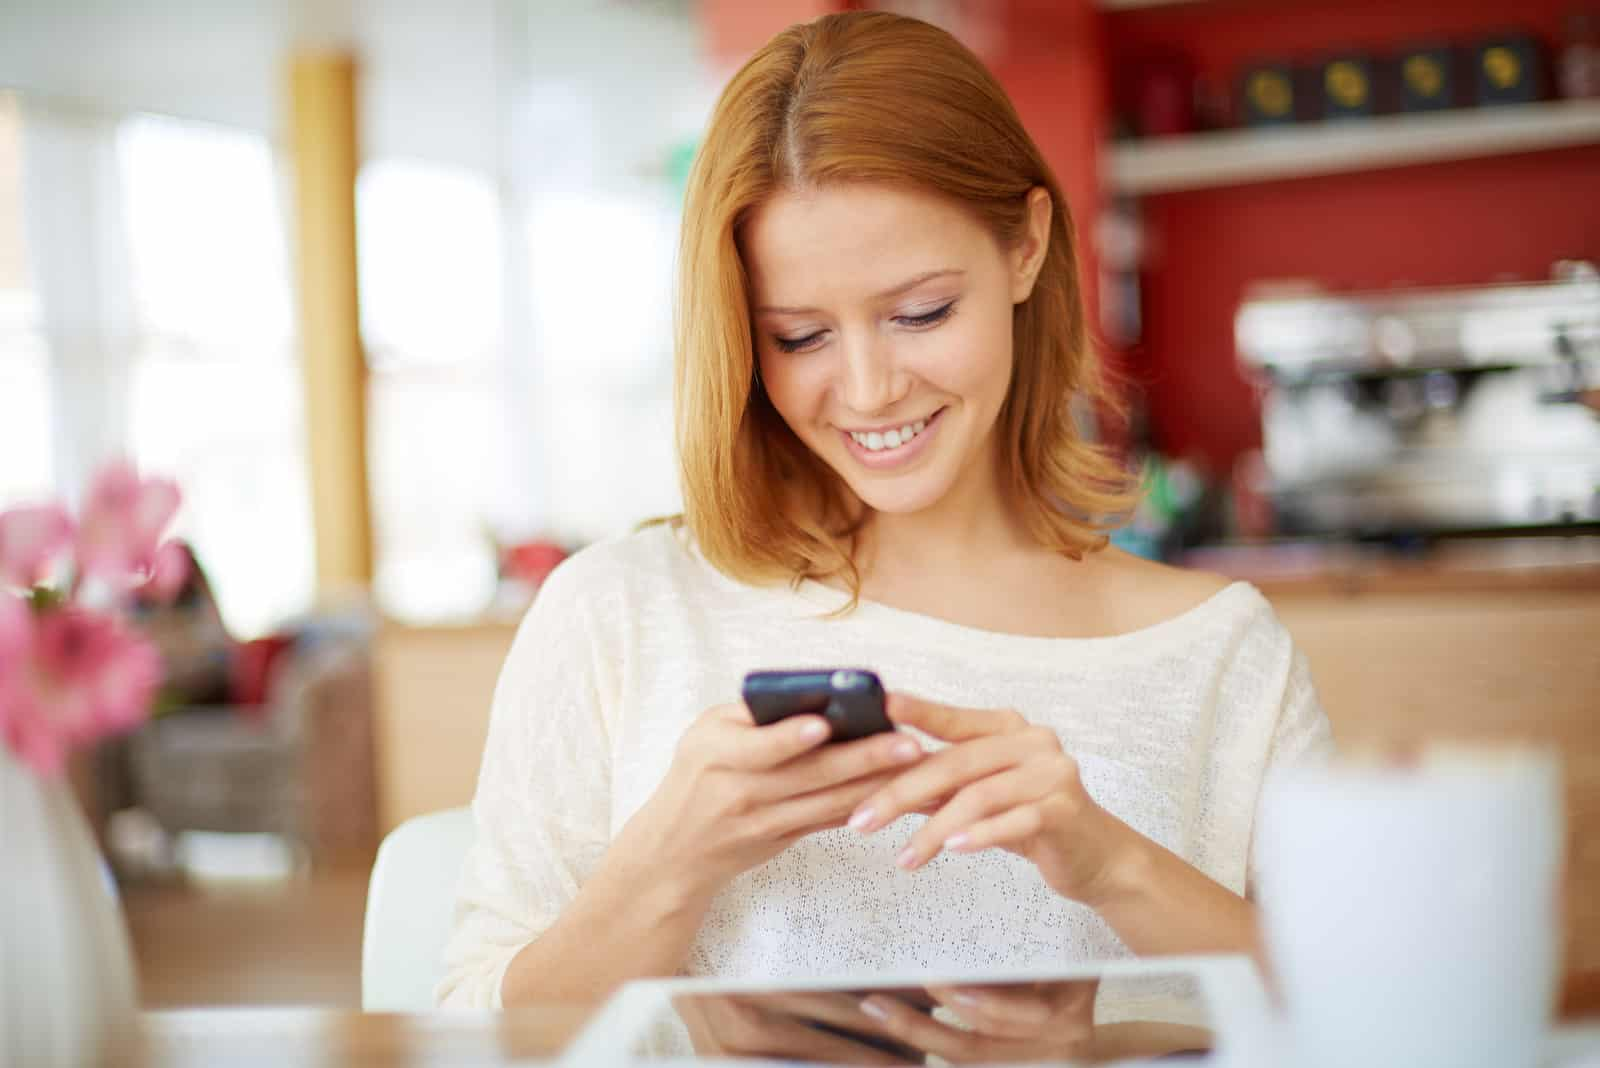 une femme souriante est assise et tient un téléphone dans sa main